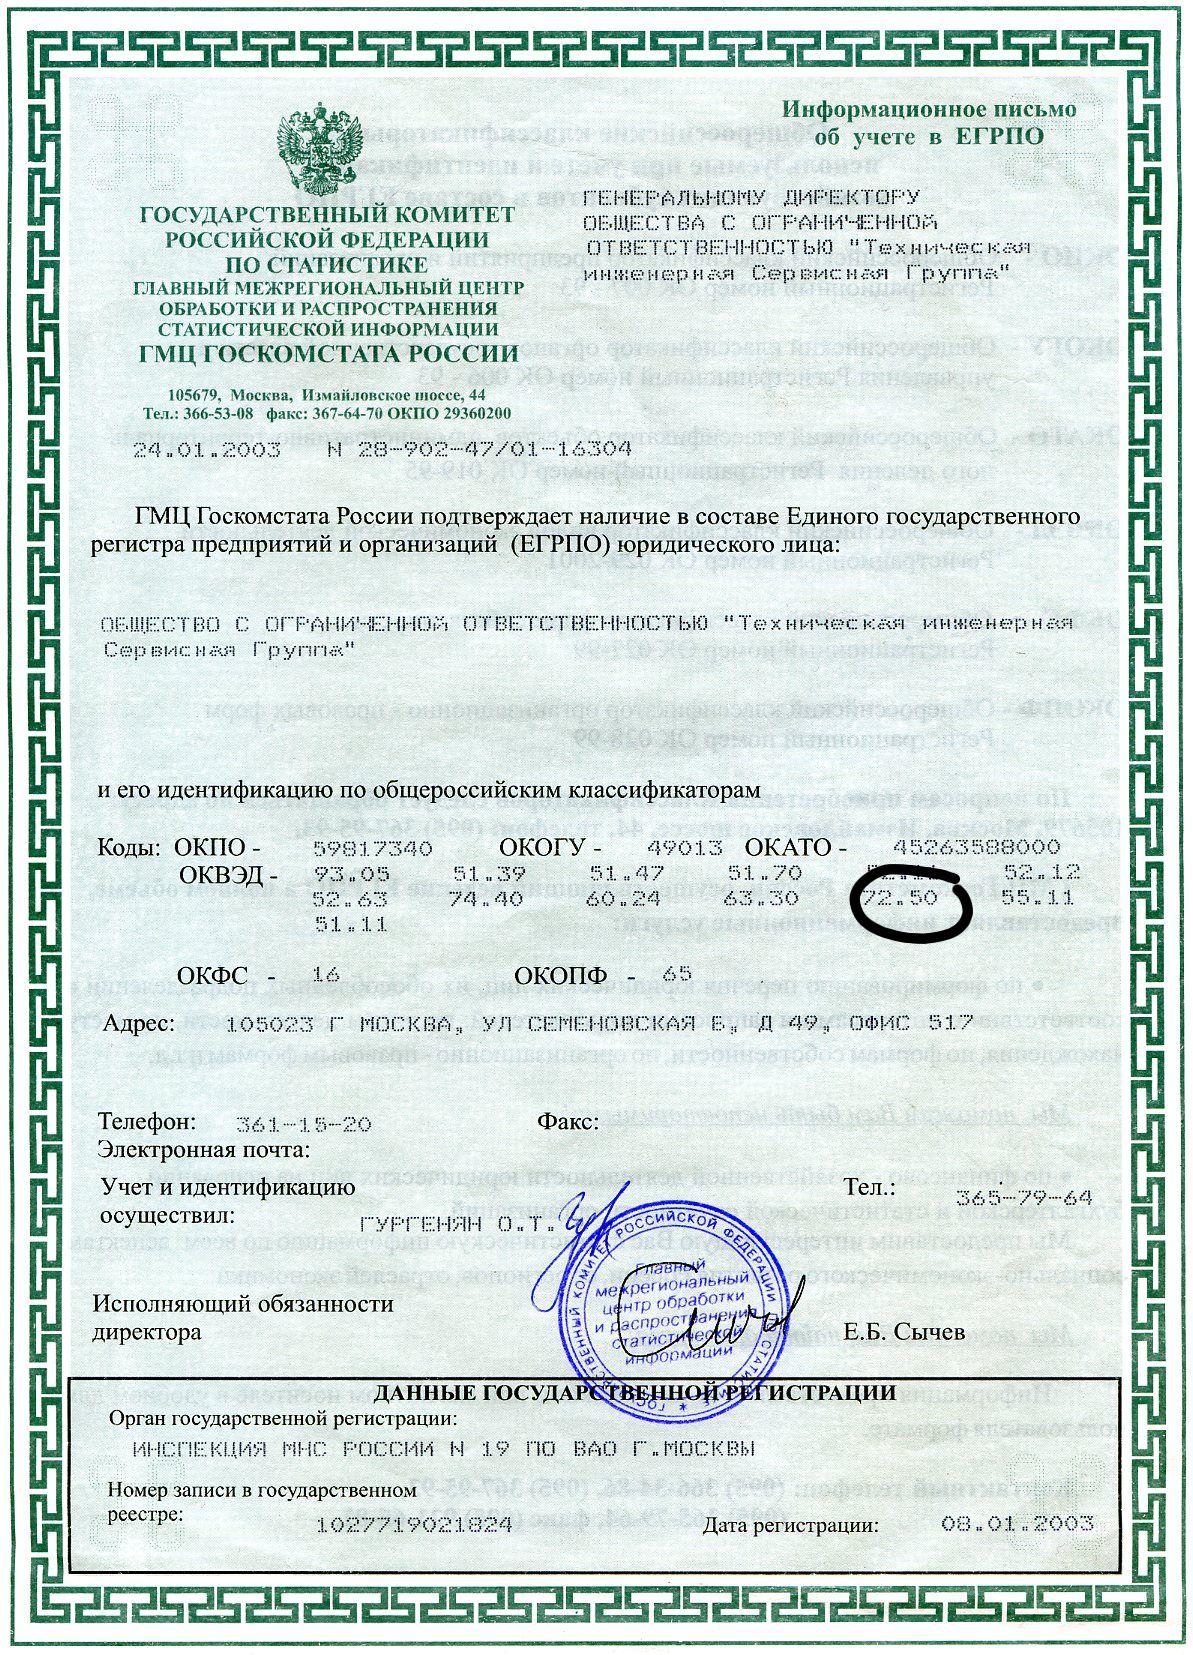 Информационное письмо о включении организации в егрпо. егрпо и государственная статистика - ponp-urid